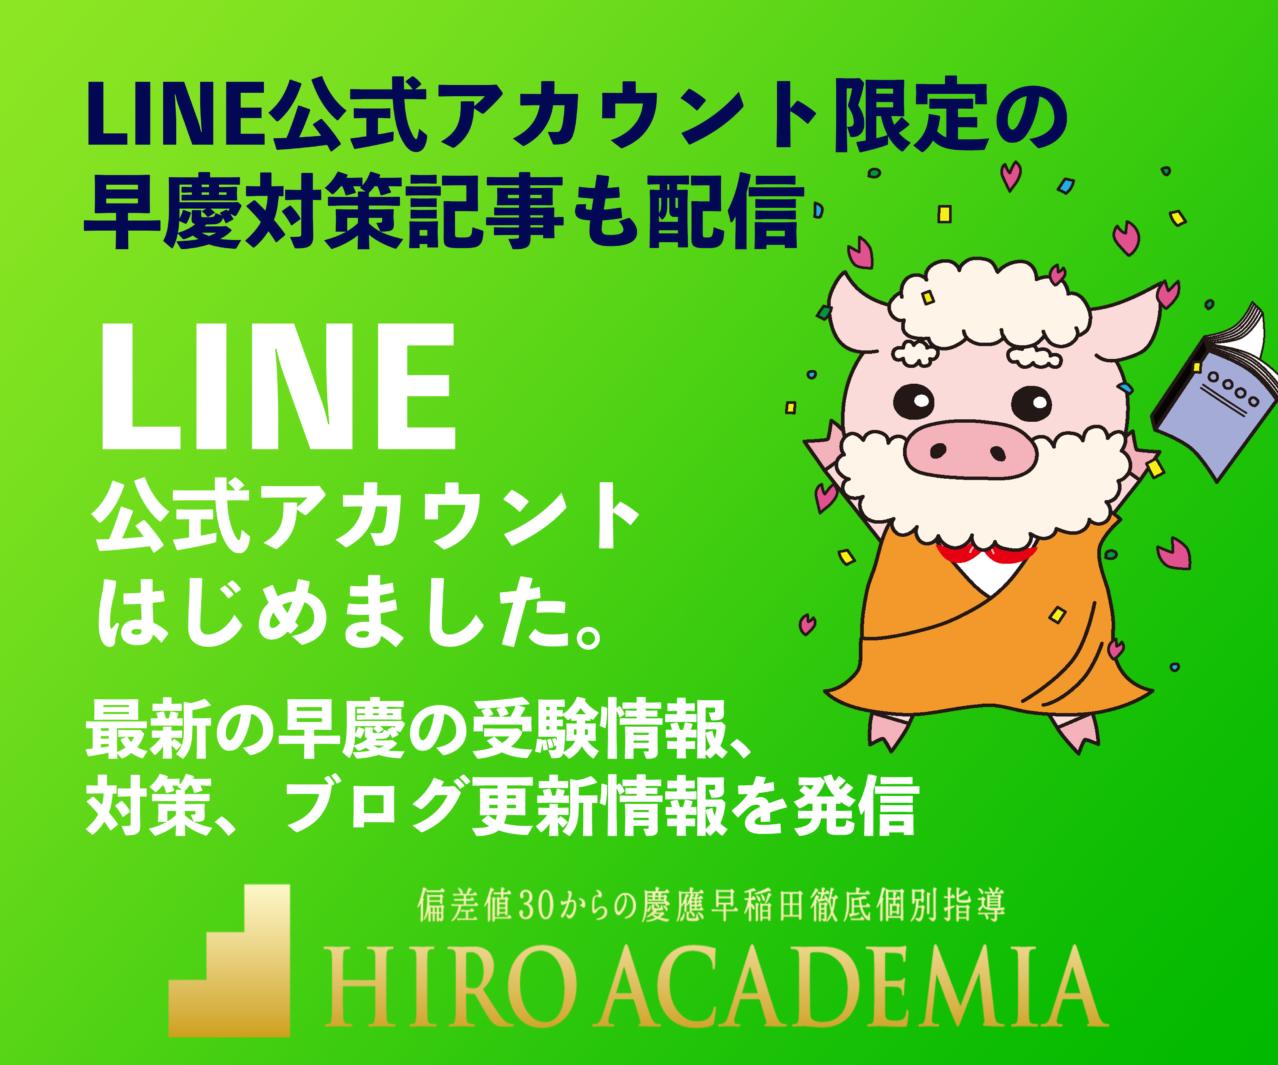 LINE公式アカウント開始しました。登録はこちらから